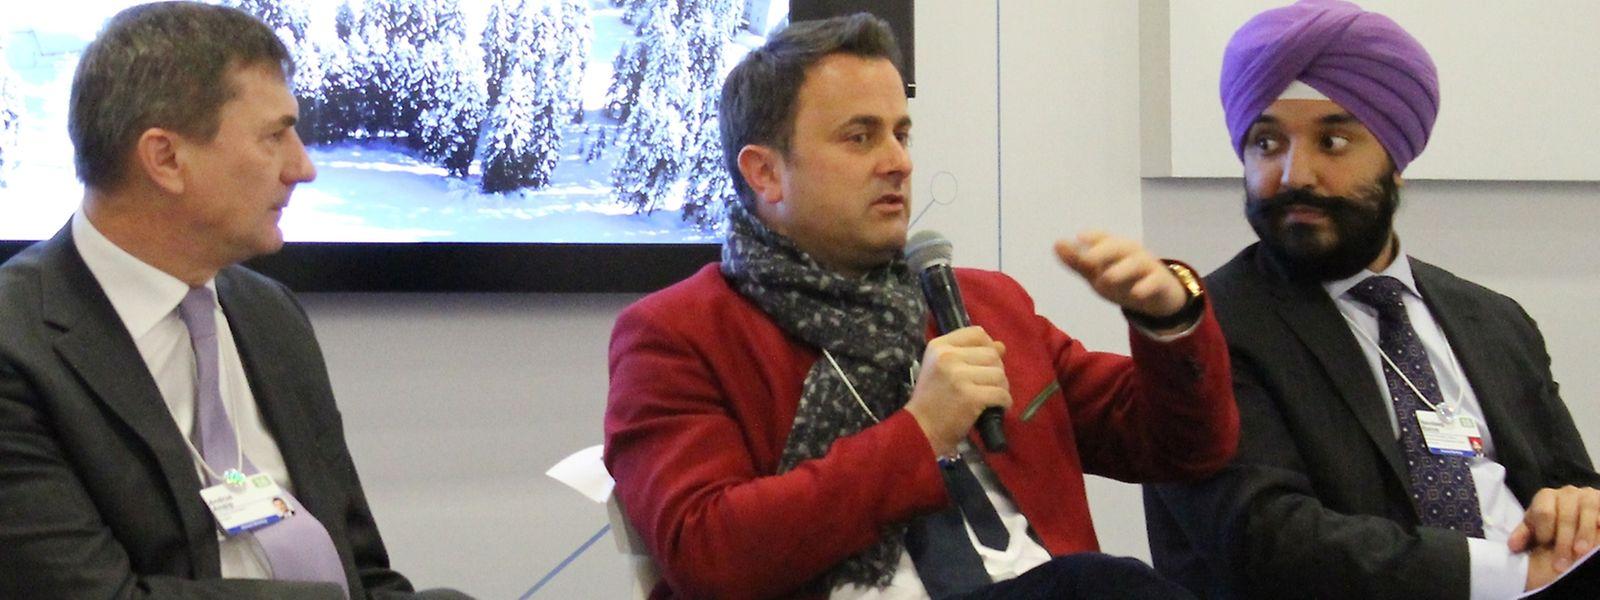 Xavier Bettel em Davos, 2018.